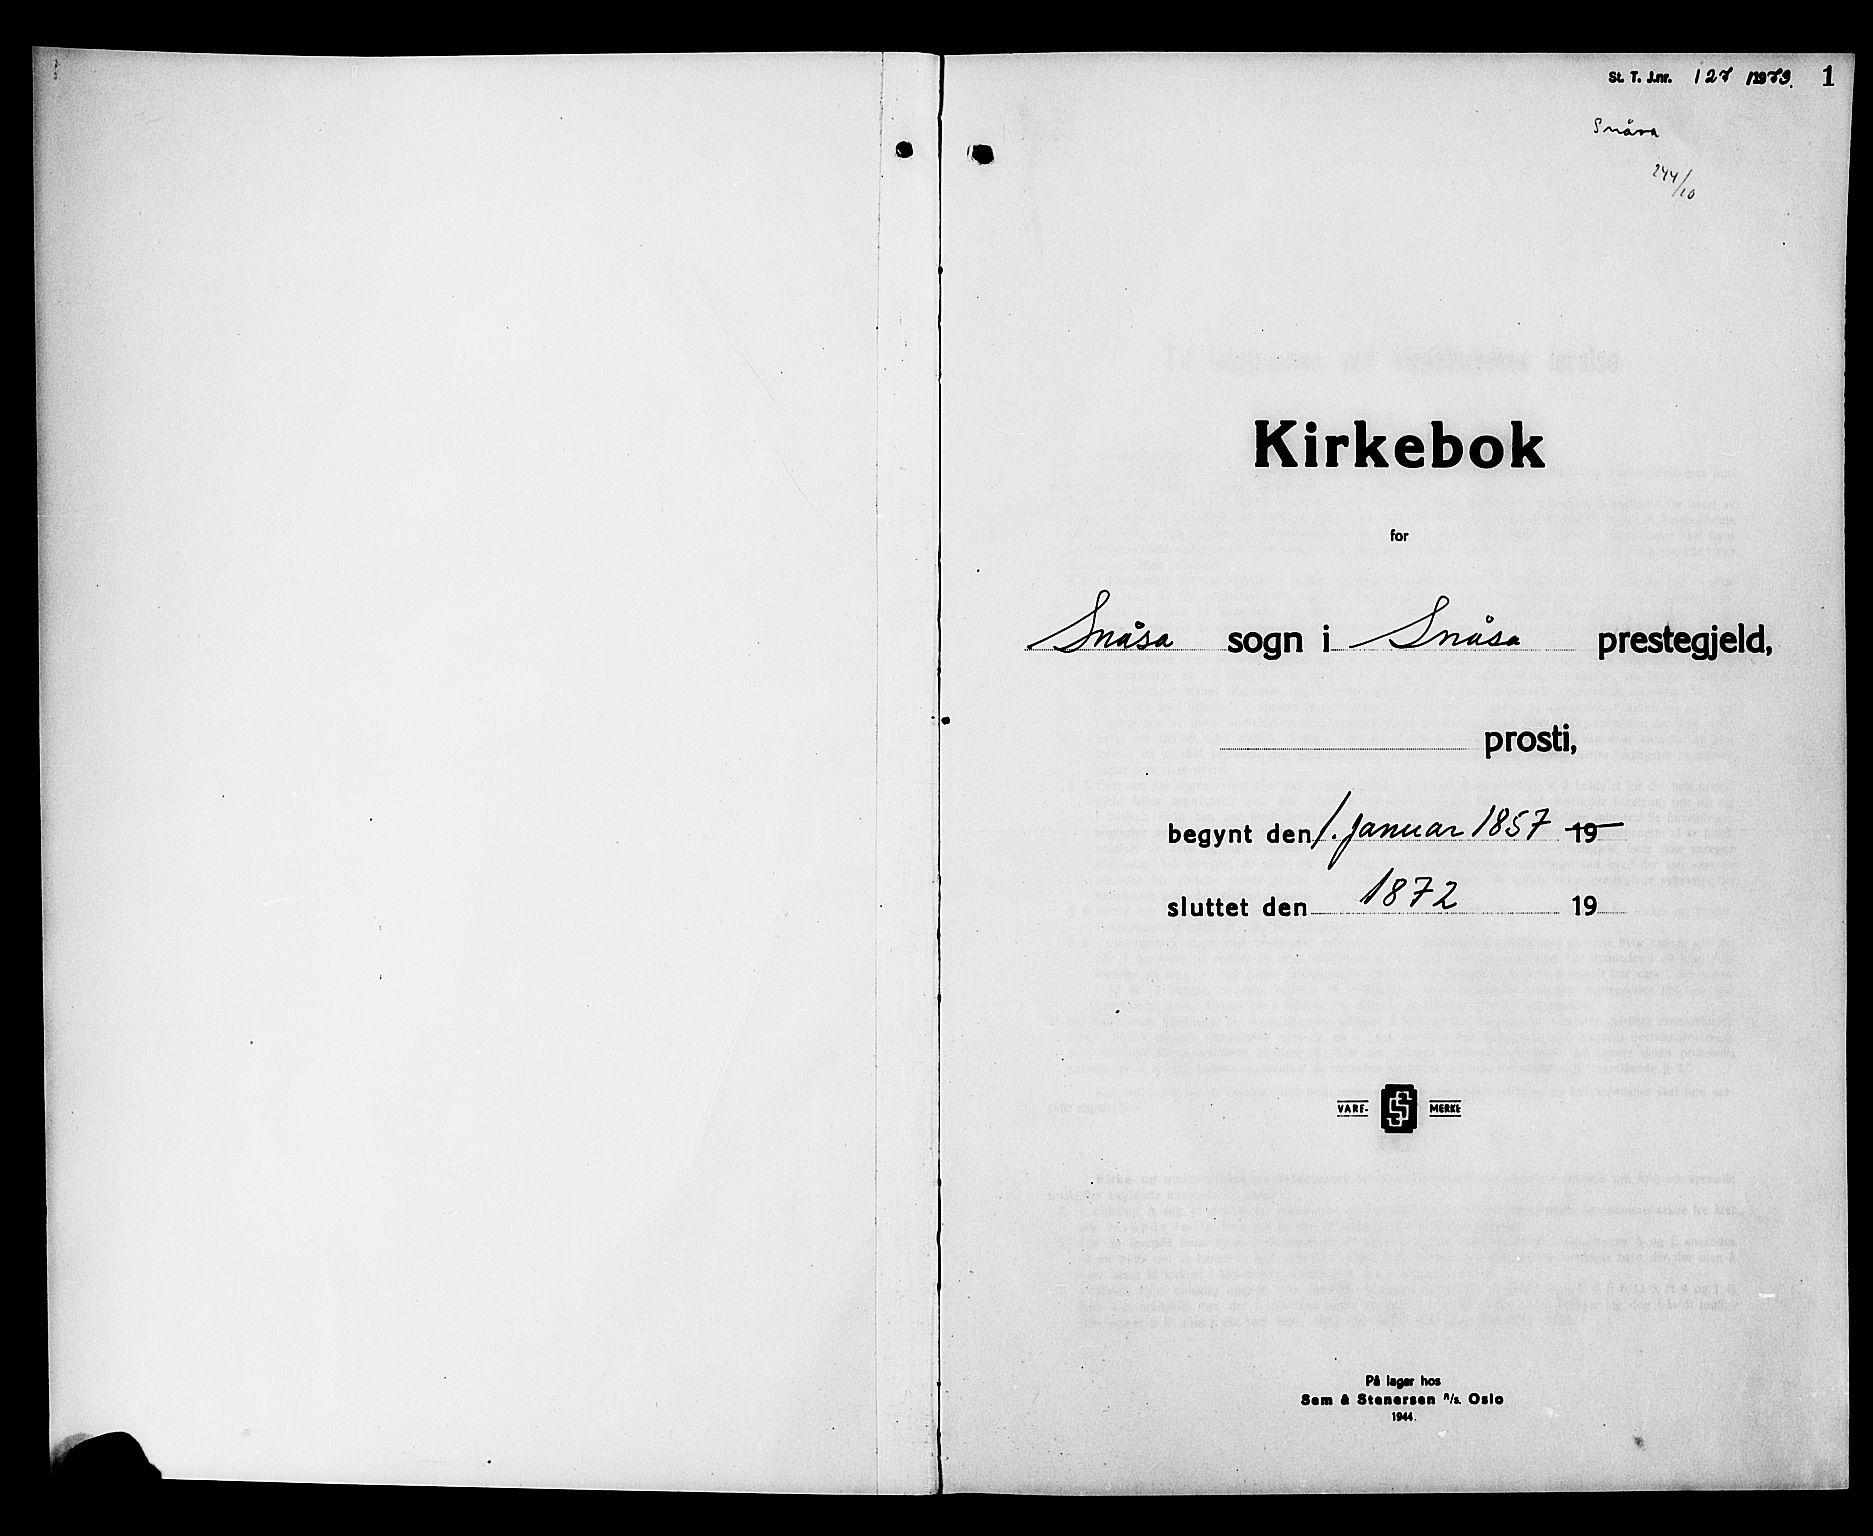 SAT, Ministerialprotokoller, klokkerbøker og fødselsregistre - Nord-Trøndelag, 749/L0485: Ministerialbok nr. 749D01, 1857-1872, s. 1